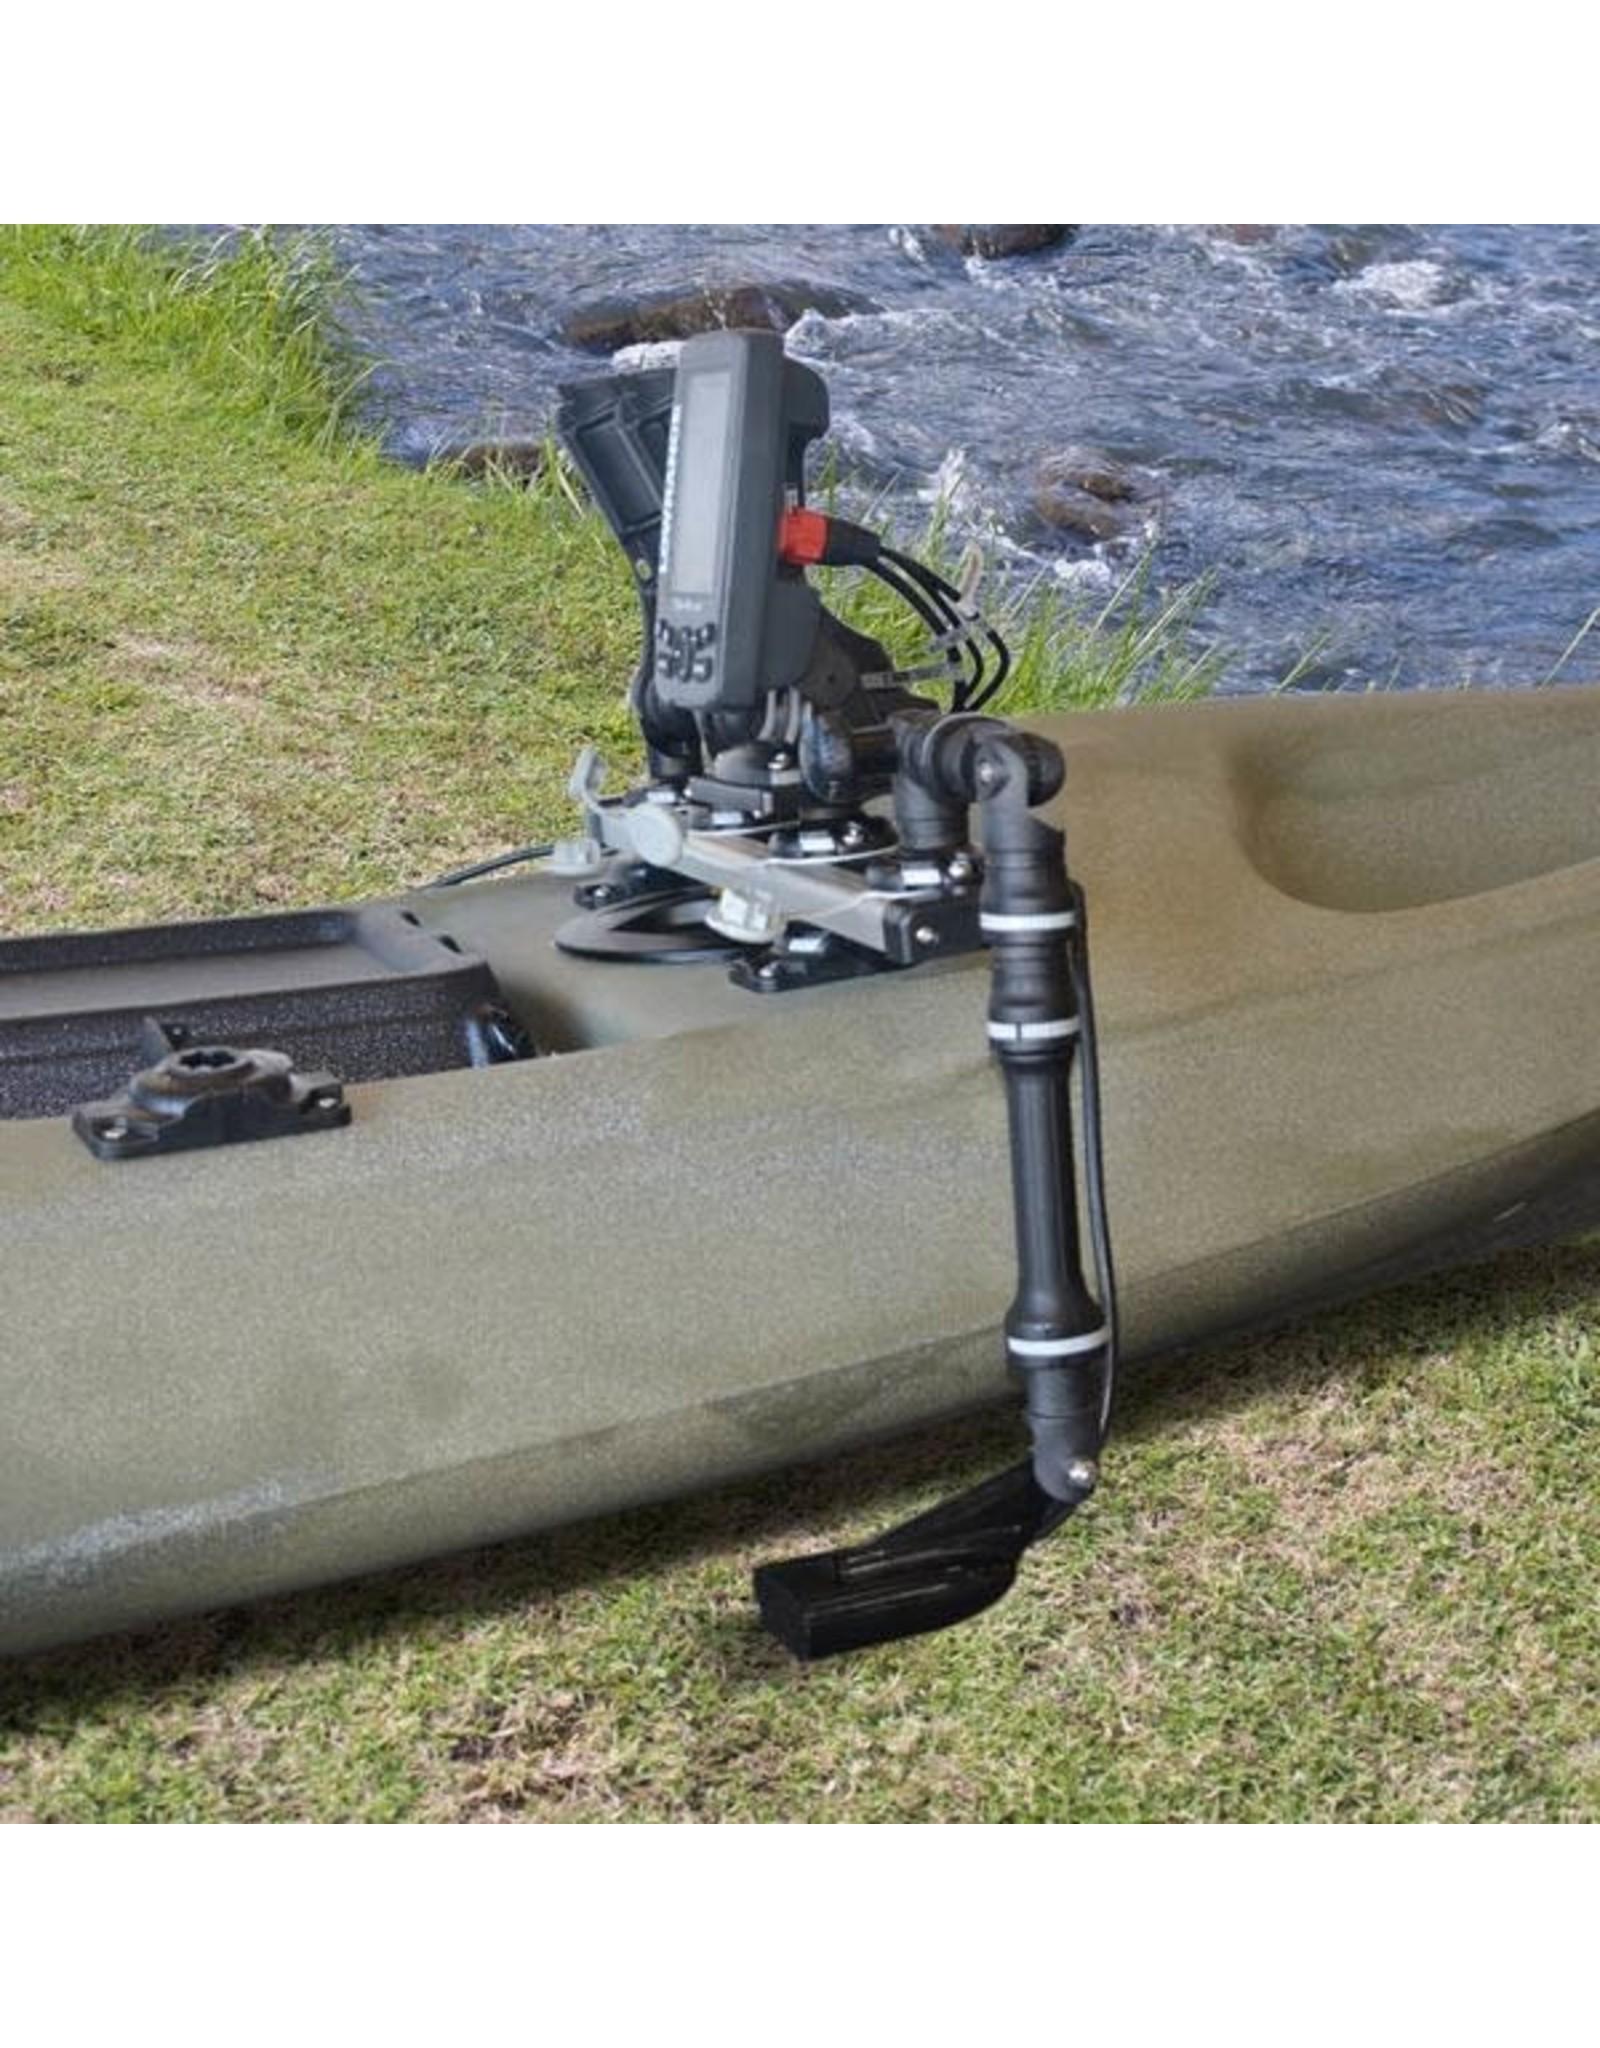 Railblaza Kayak/Canoe Transducer Arm Only